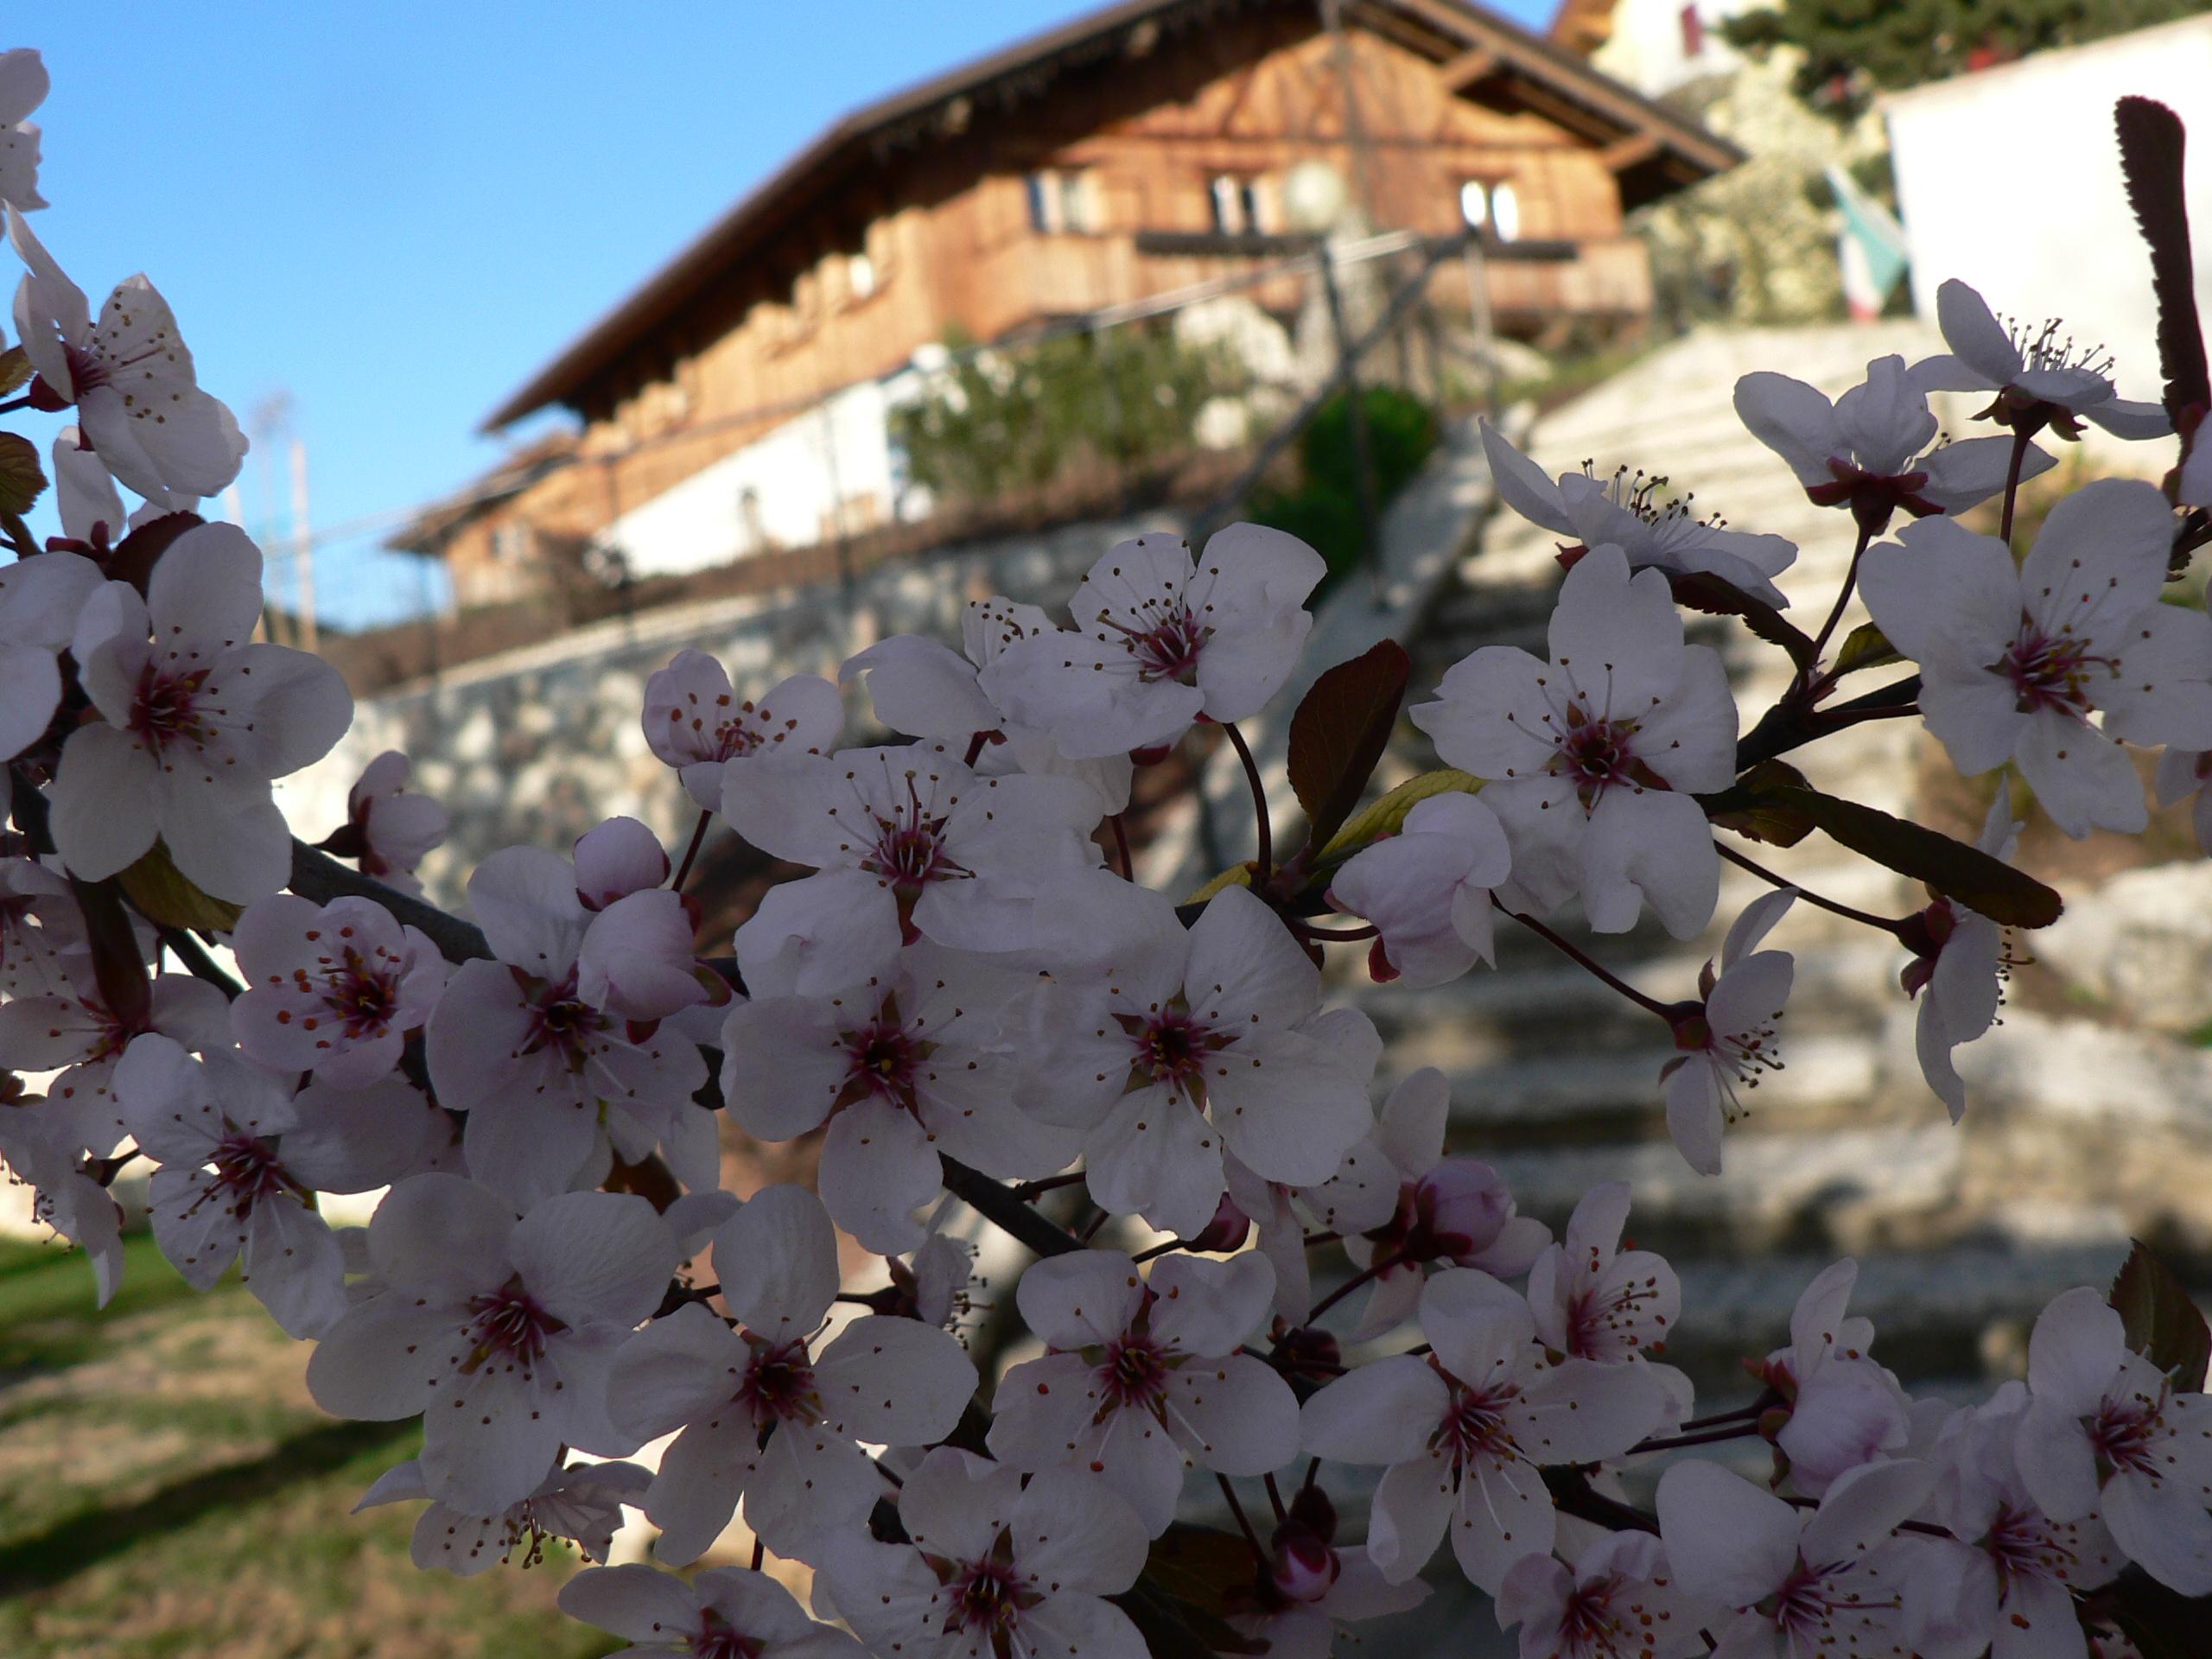 Fiori di prugno nel nostro giardino segnano l'inizio della primavera